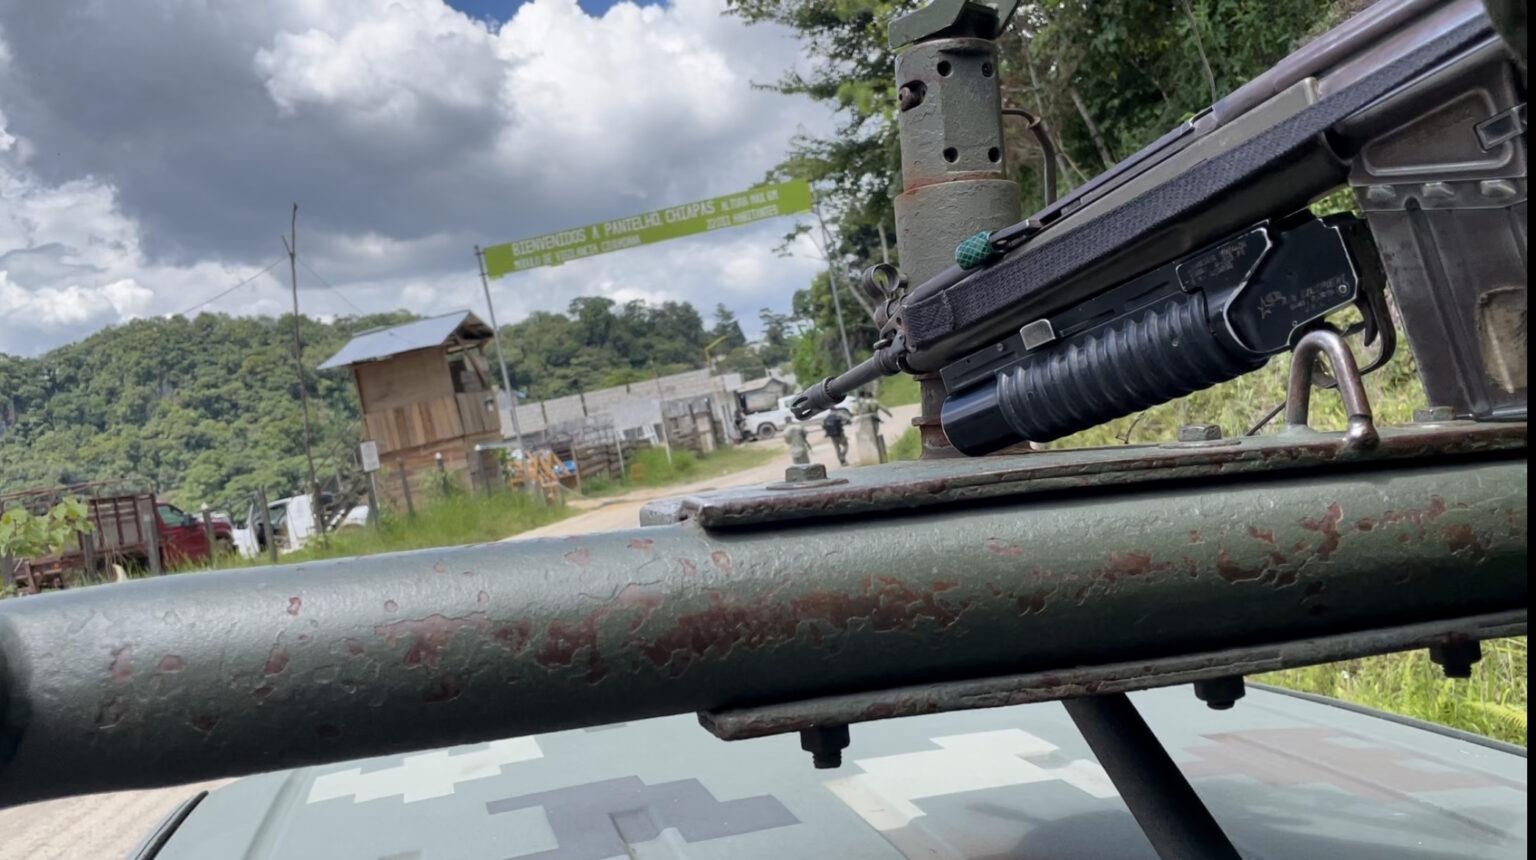 6-Fuerzas-armadas-entraron-a-la-cabecera-municipal-de-Pantelho-1536x860